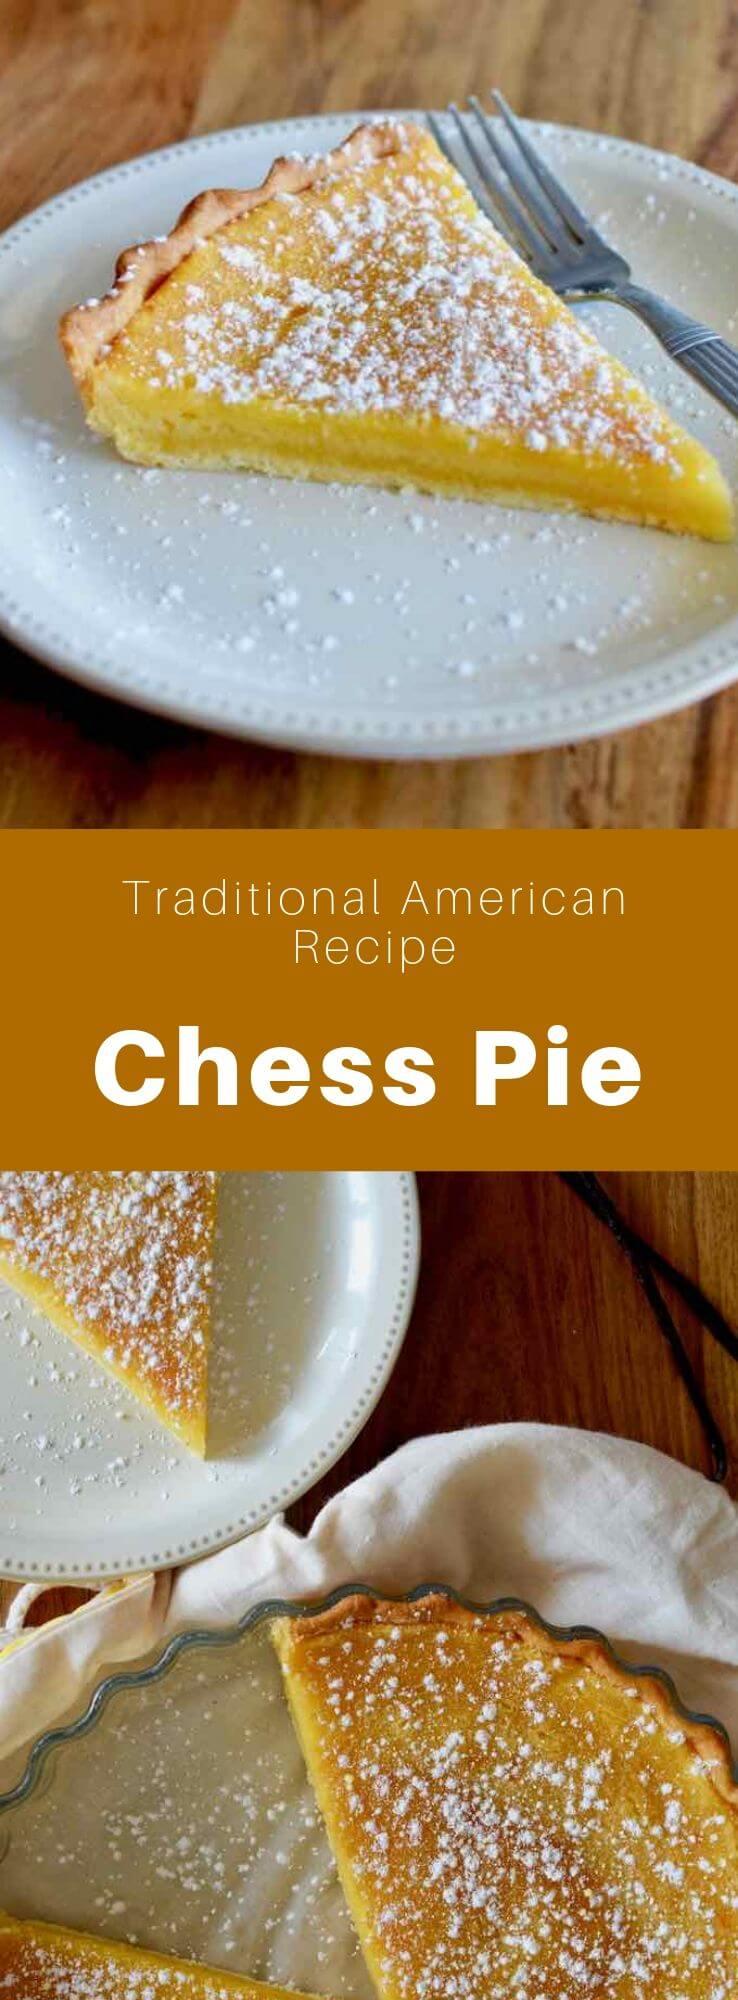 El chess pie es una de las tartas sureñas más tradicionales de Estados Unidos. Contiene principalmente, un relleno cremoso y aromatizado con vainilla.